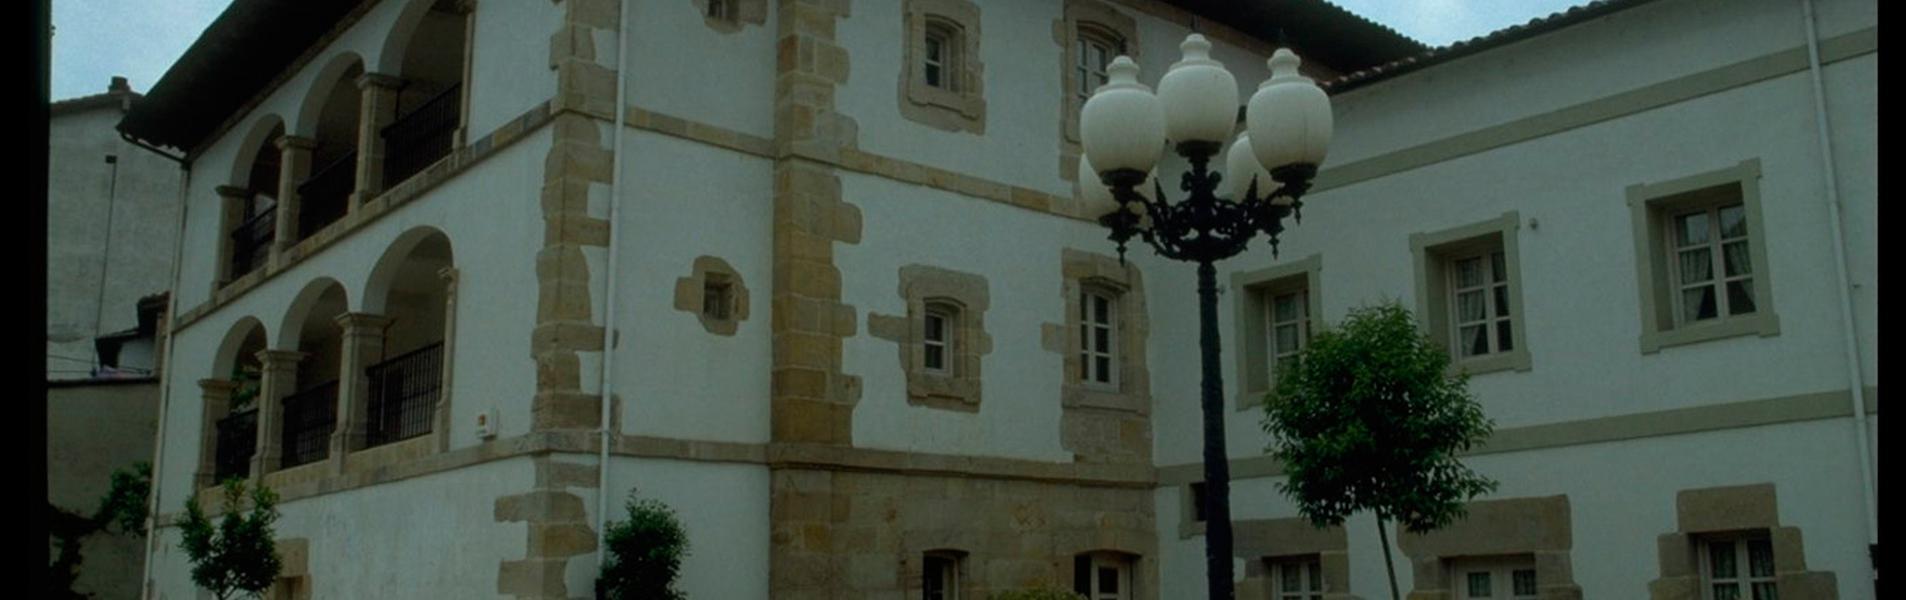 Palacio de Zalbidegoitia